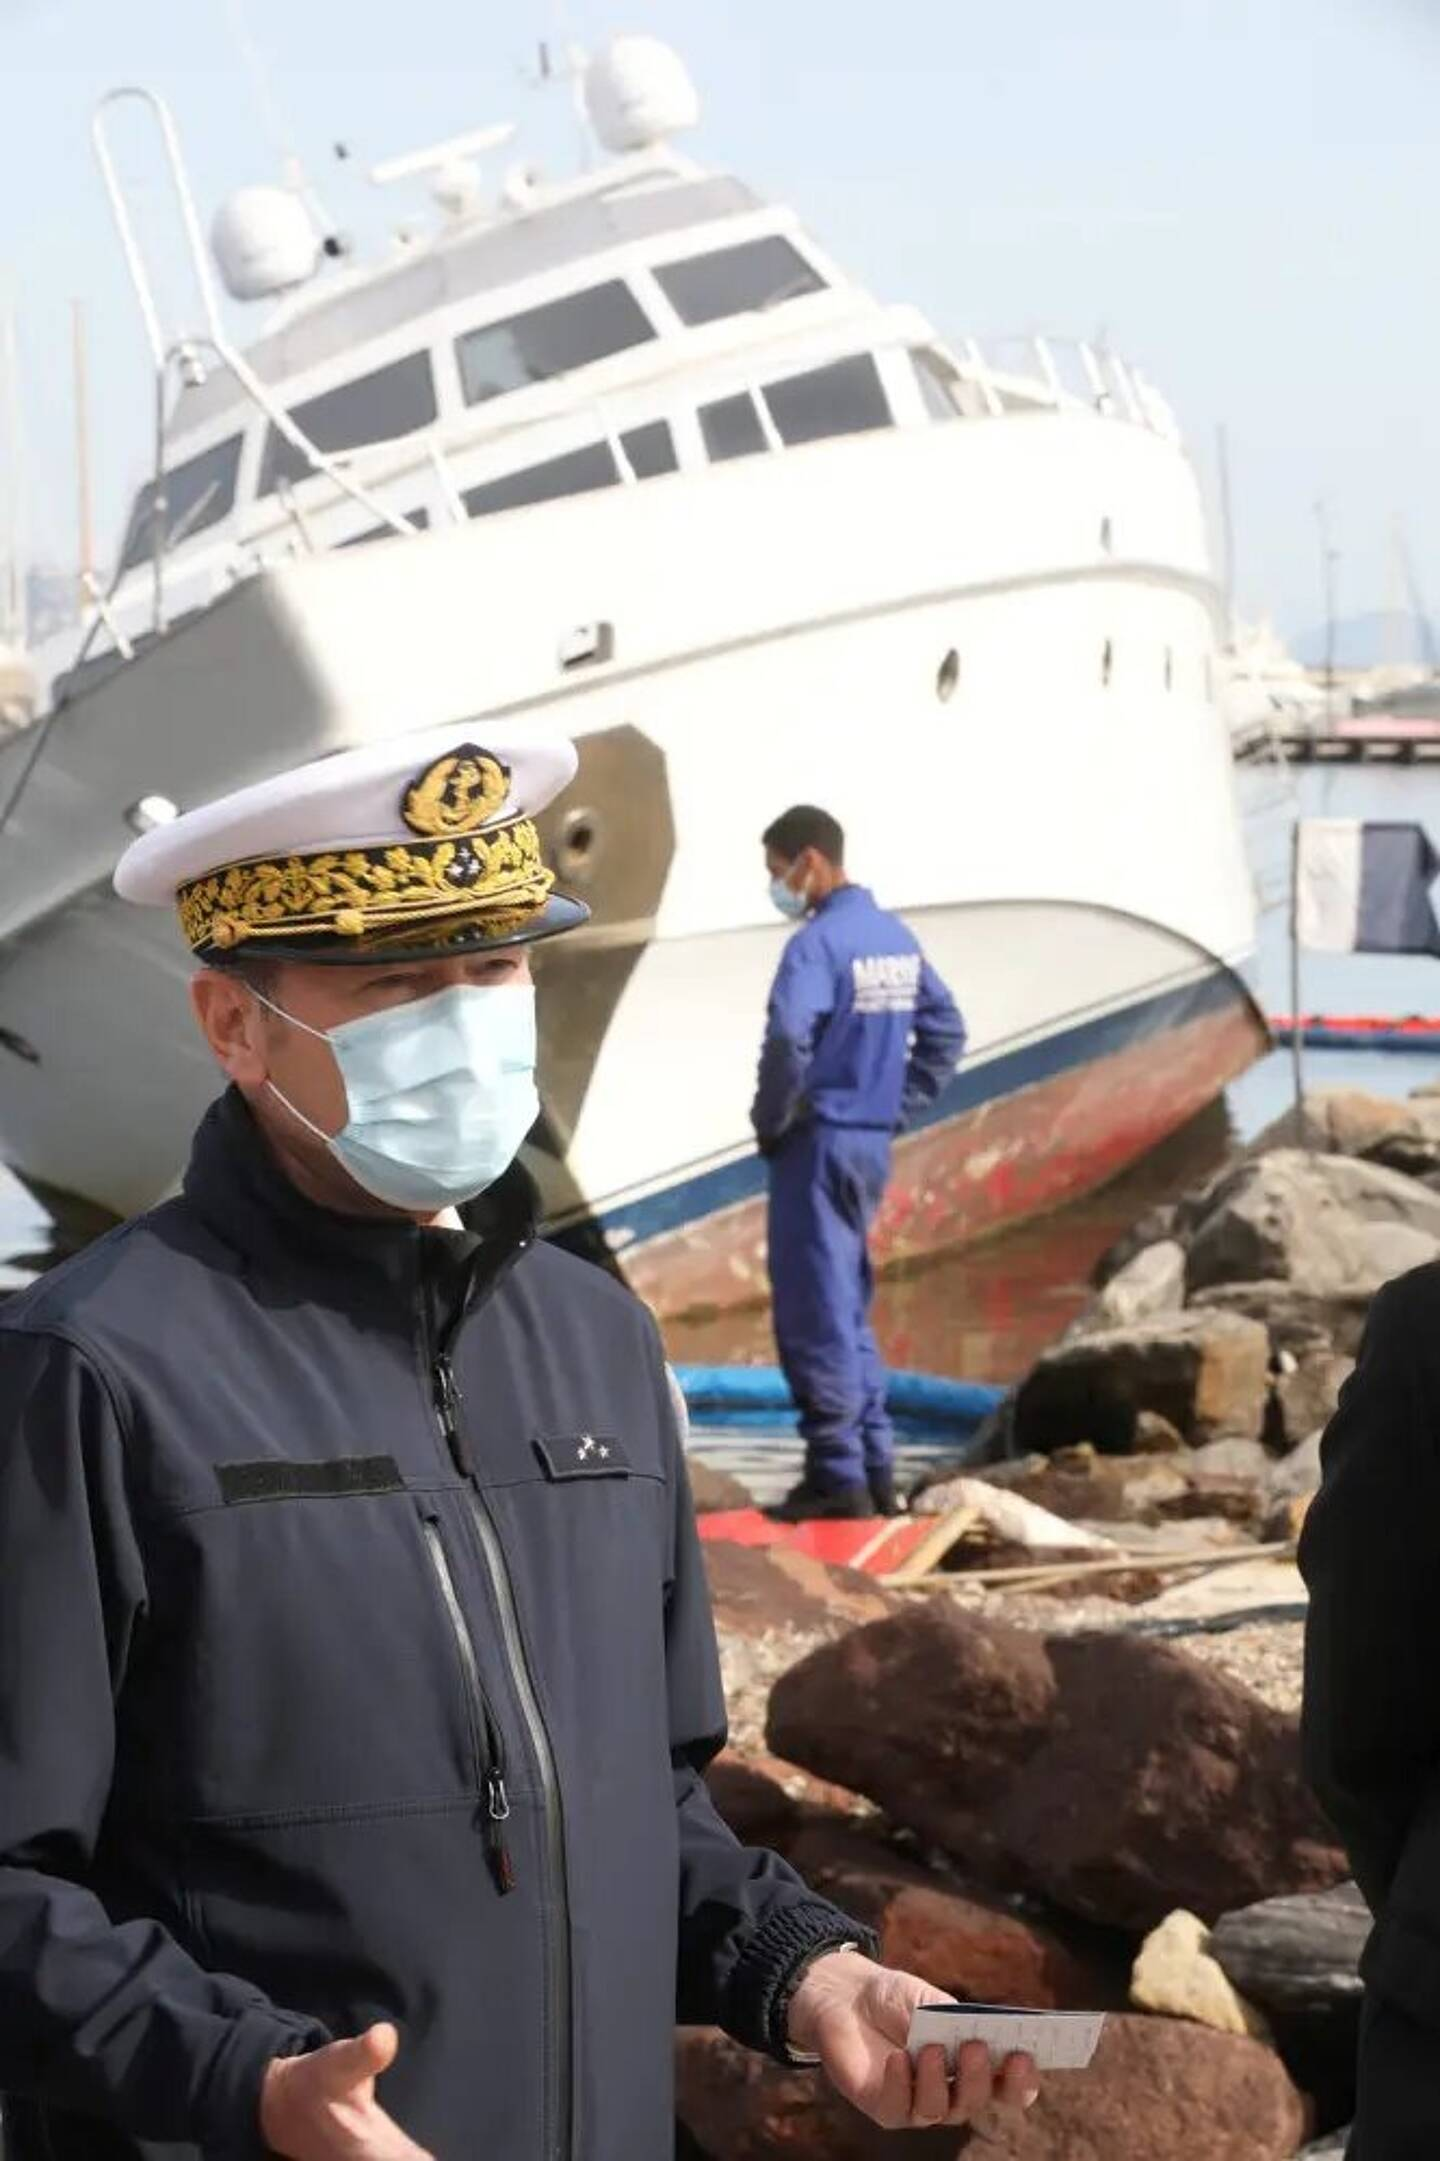 Adjoint du préfet maritime de la Méditerranée, le commissaire général Thierry Duchesne est plus particulièrement en charge de l'action de l'État en mer.